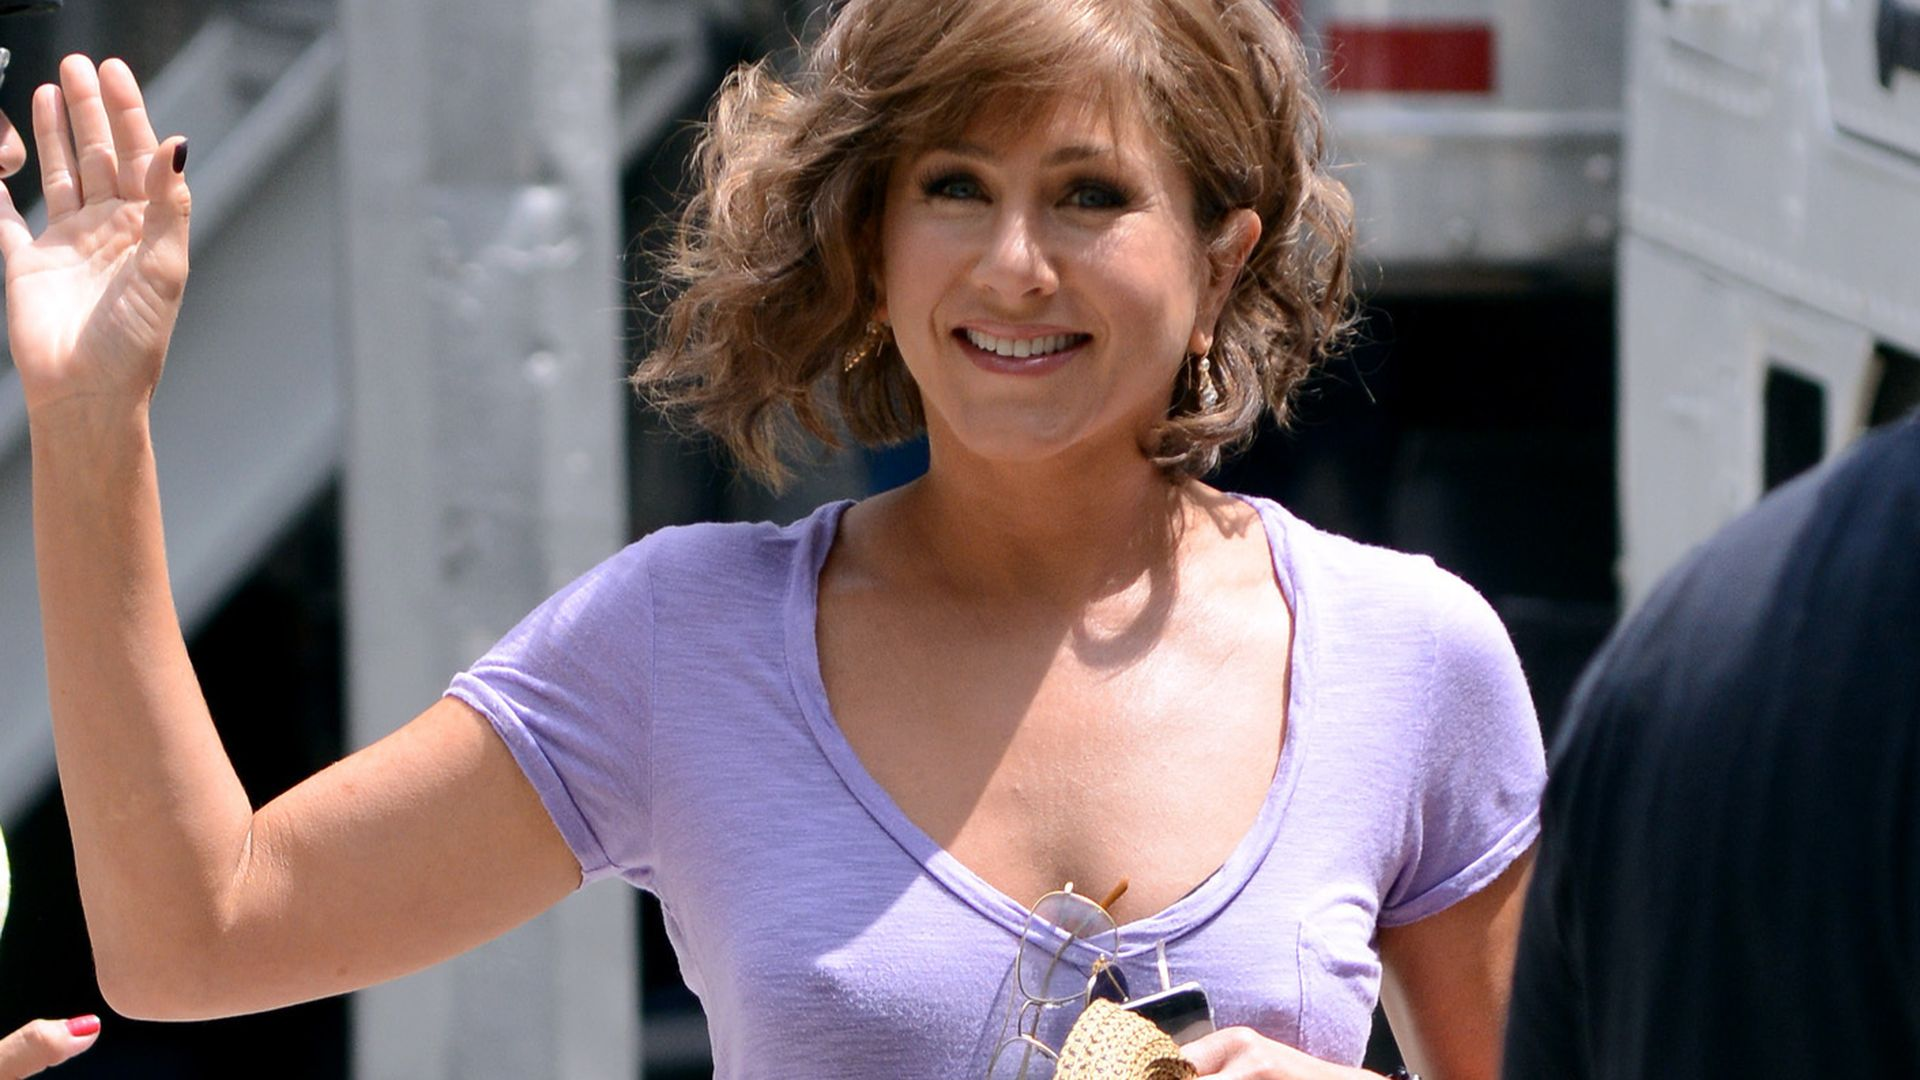 BH Vergessen Nippel Alarm Bei Jennifer Aniston